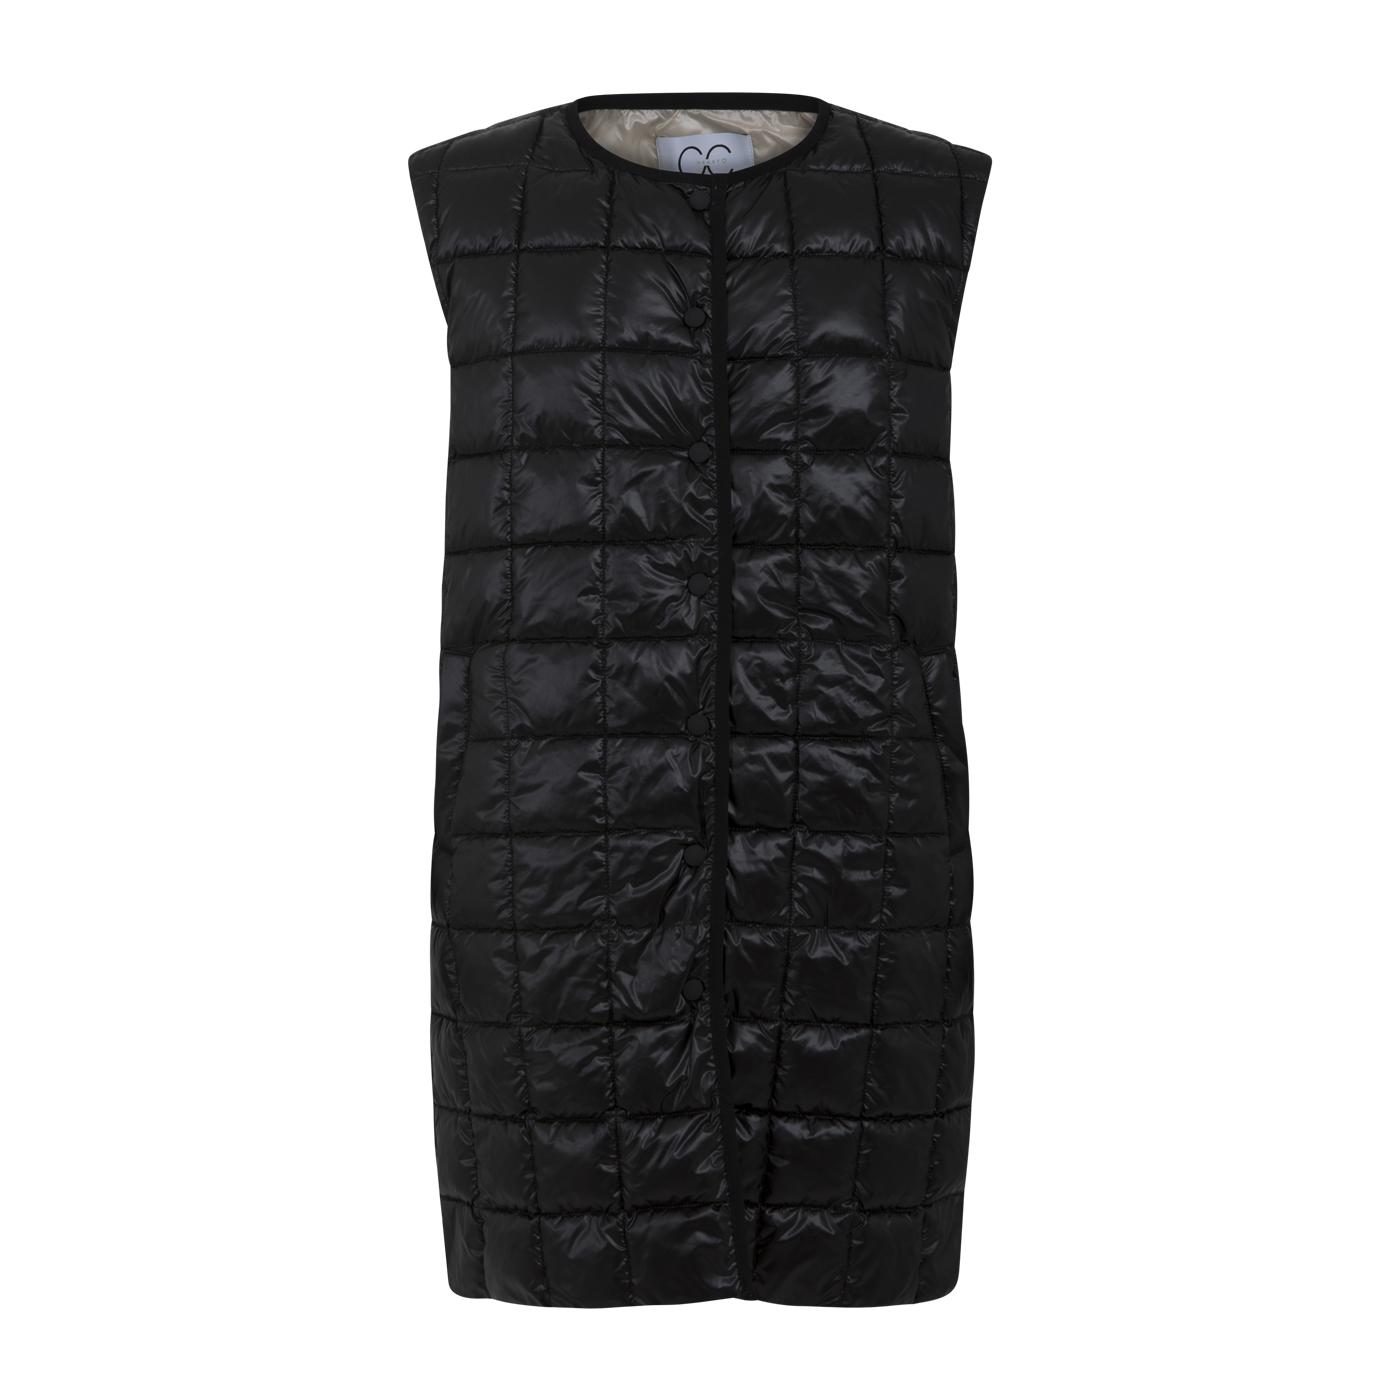 Coster Copenhagen Heart lang quiltet vest, black, 38